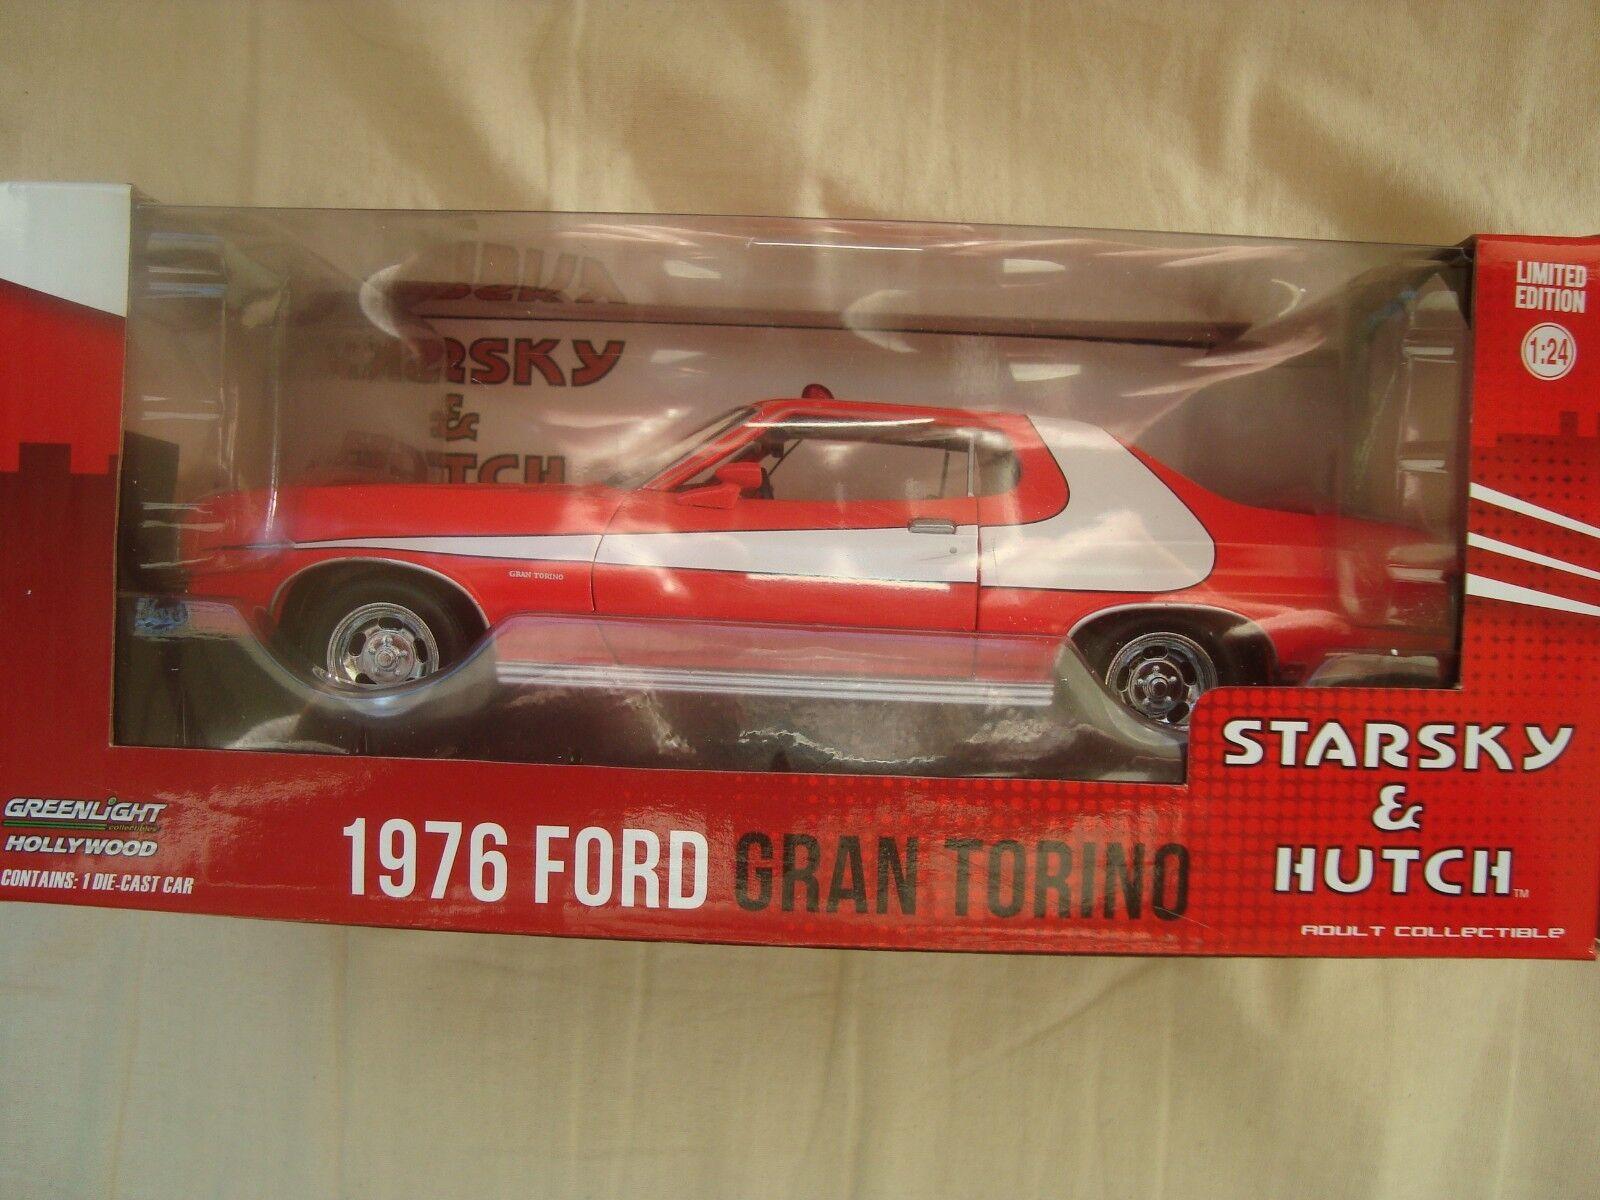 verdeLIGHT 1976 FORD GRANDE TORINO STARSKY Y Y Y HUTCH 1 24 EN CAJA 372721